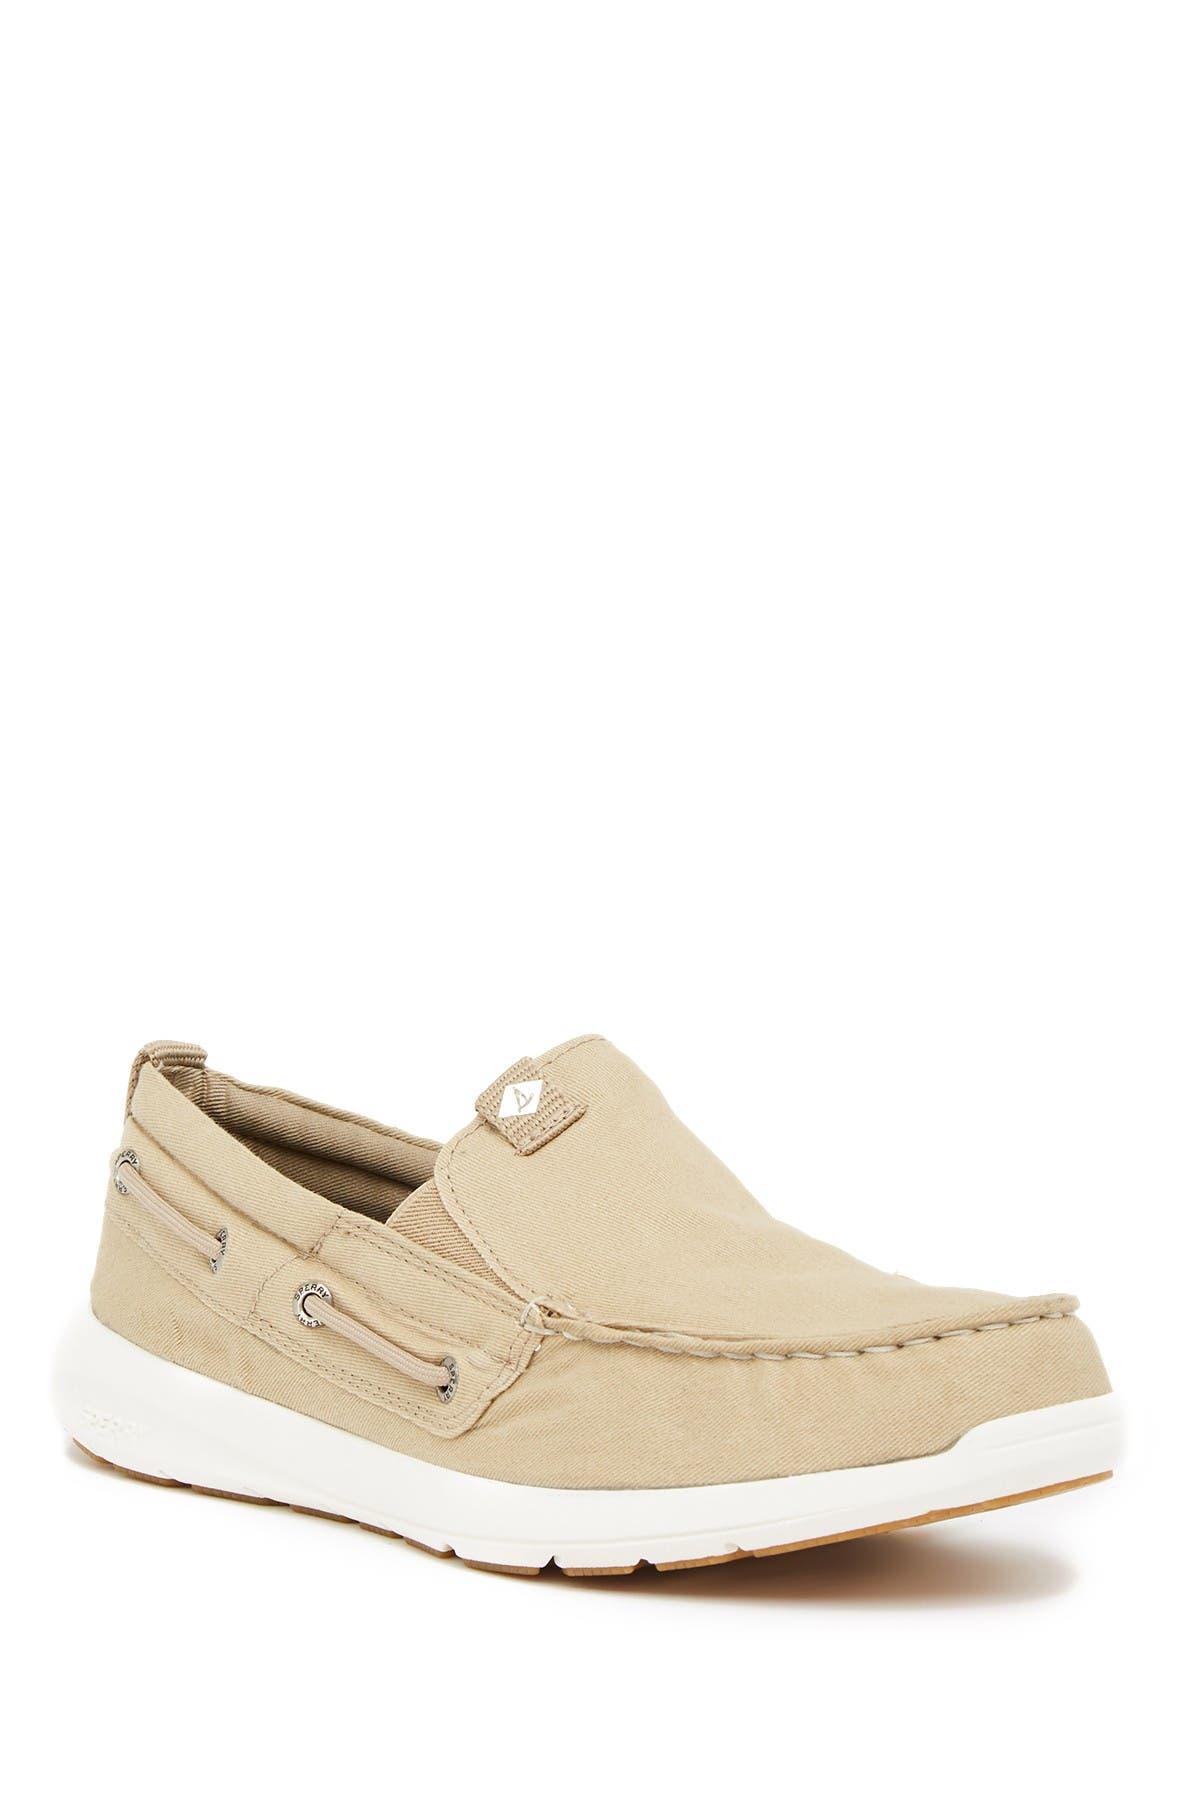 Sperry | Sojourn Slip-On Sneaker